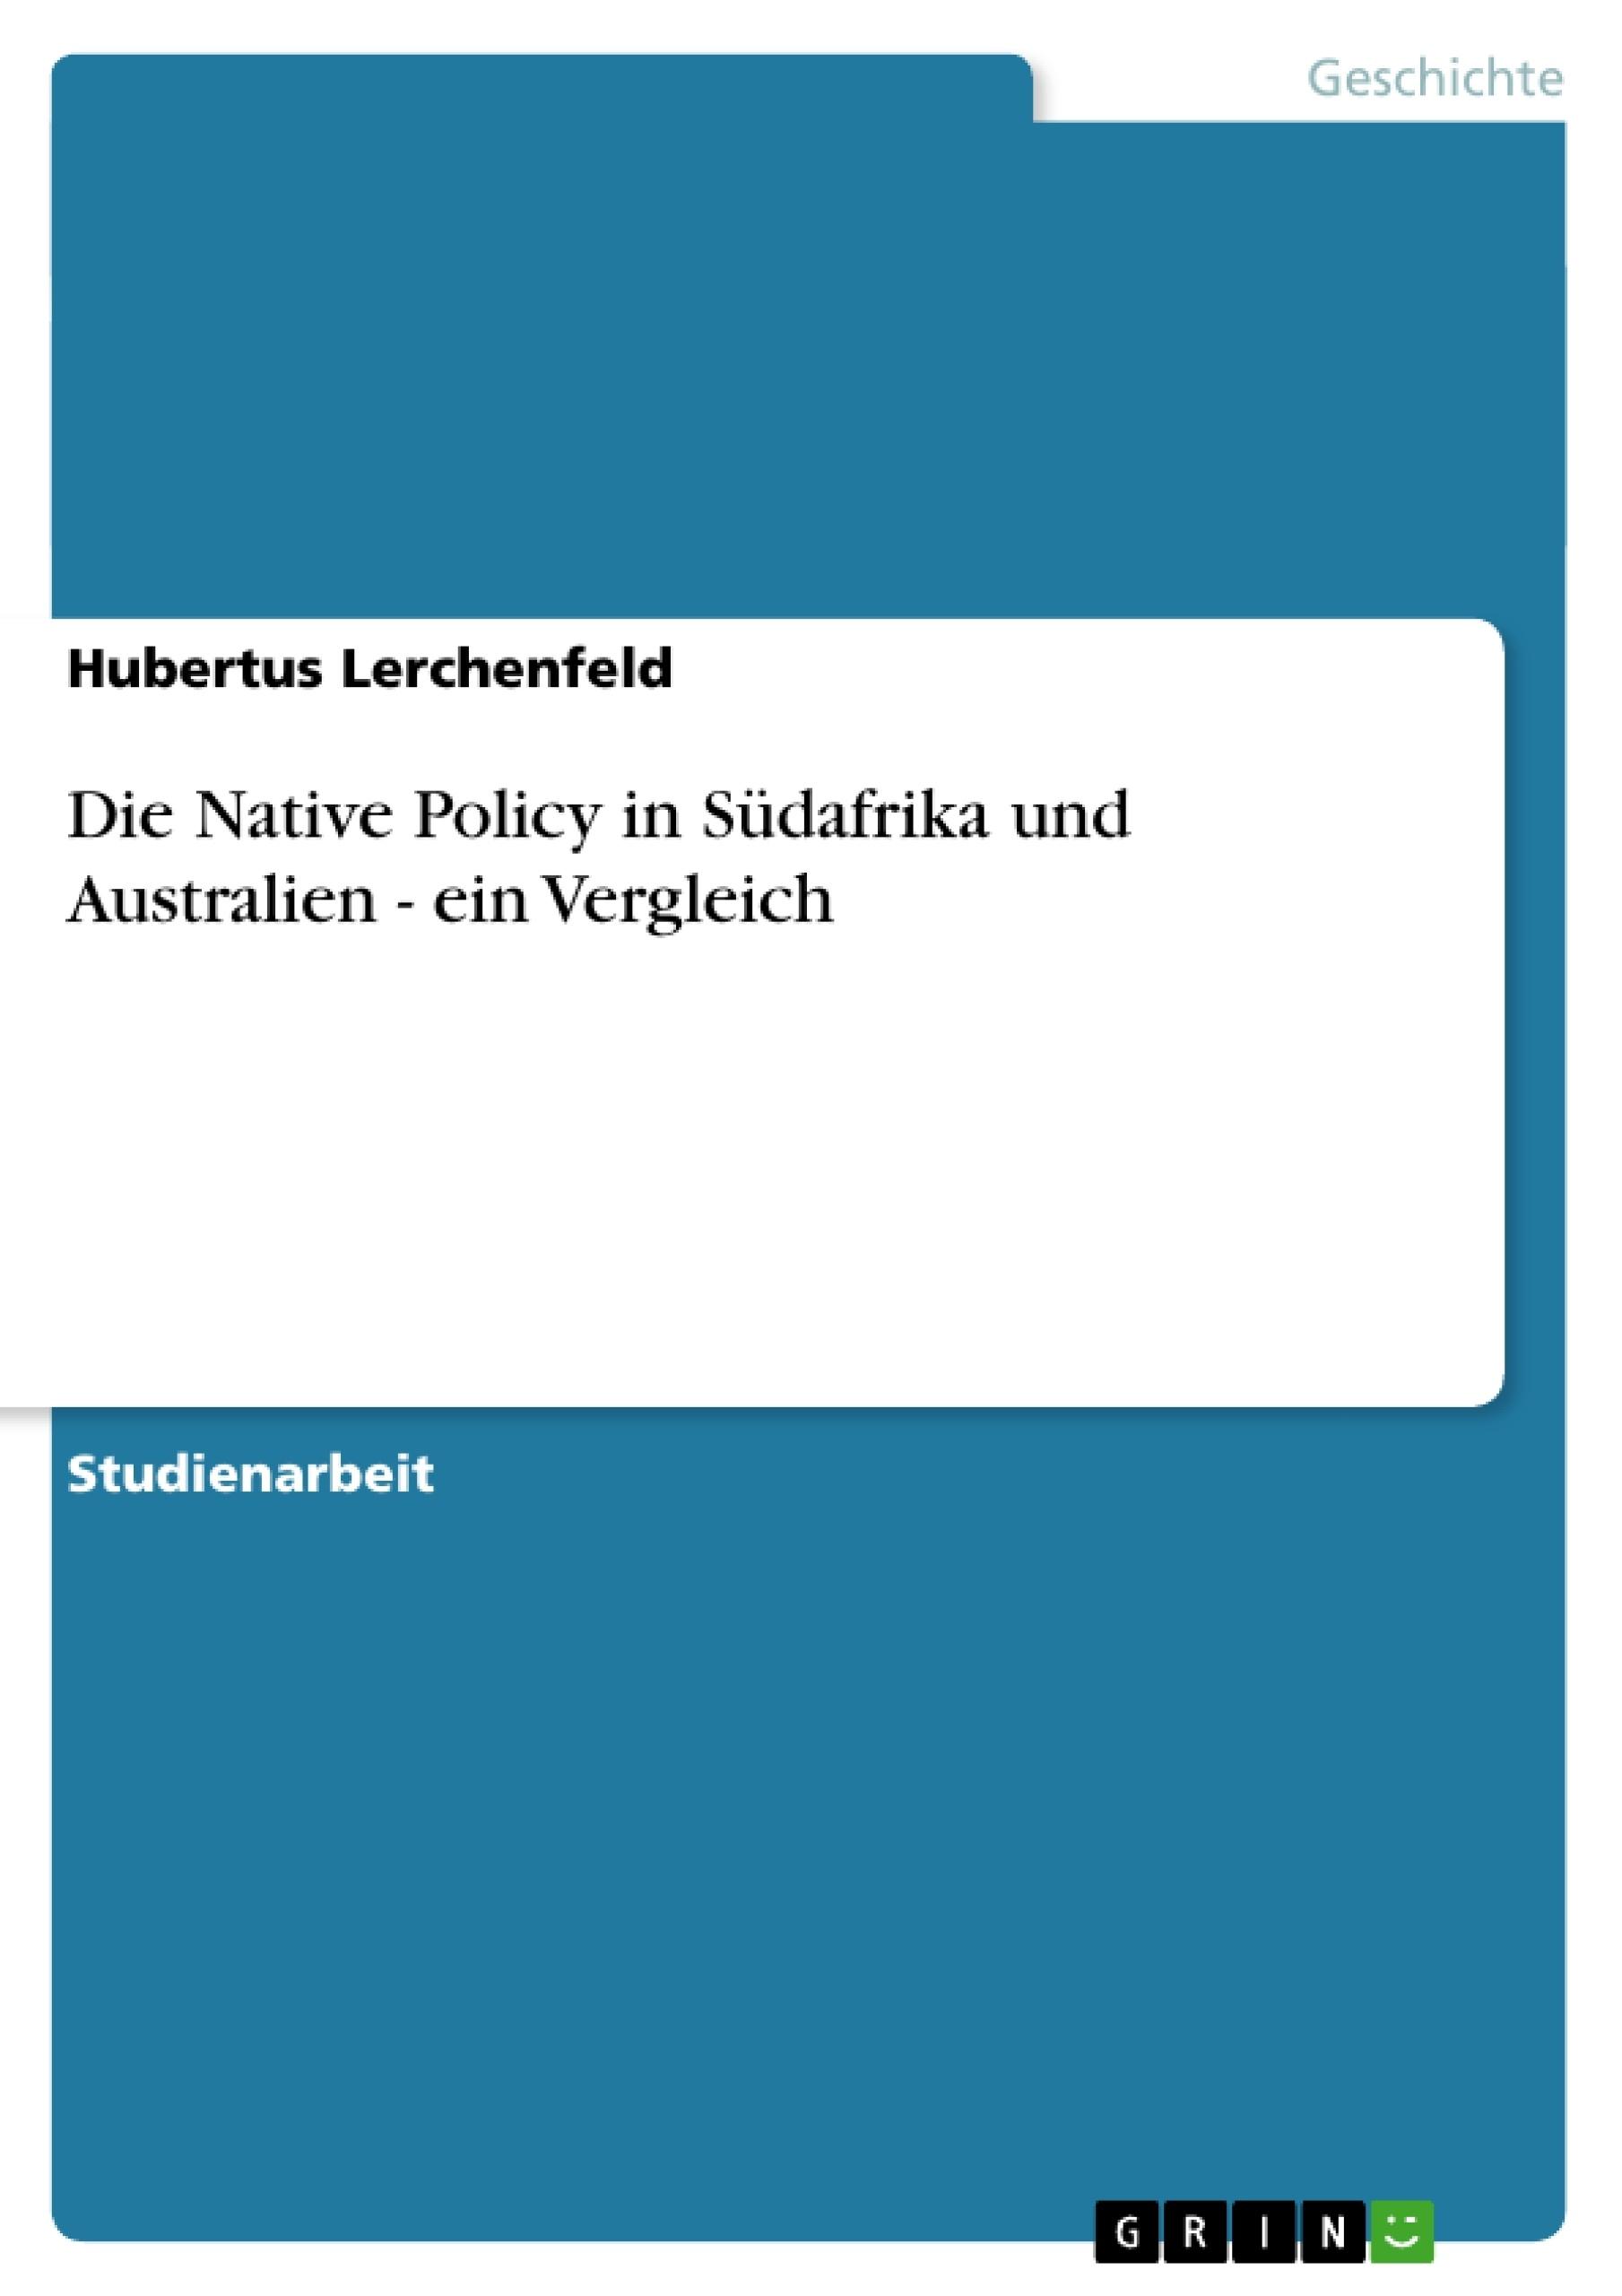 Titel: Die Native Policy in Südafrika und Australien - ein Vergleich